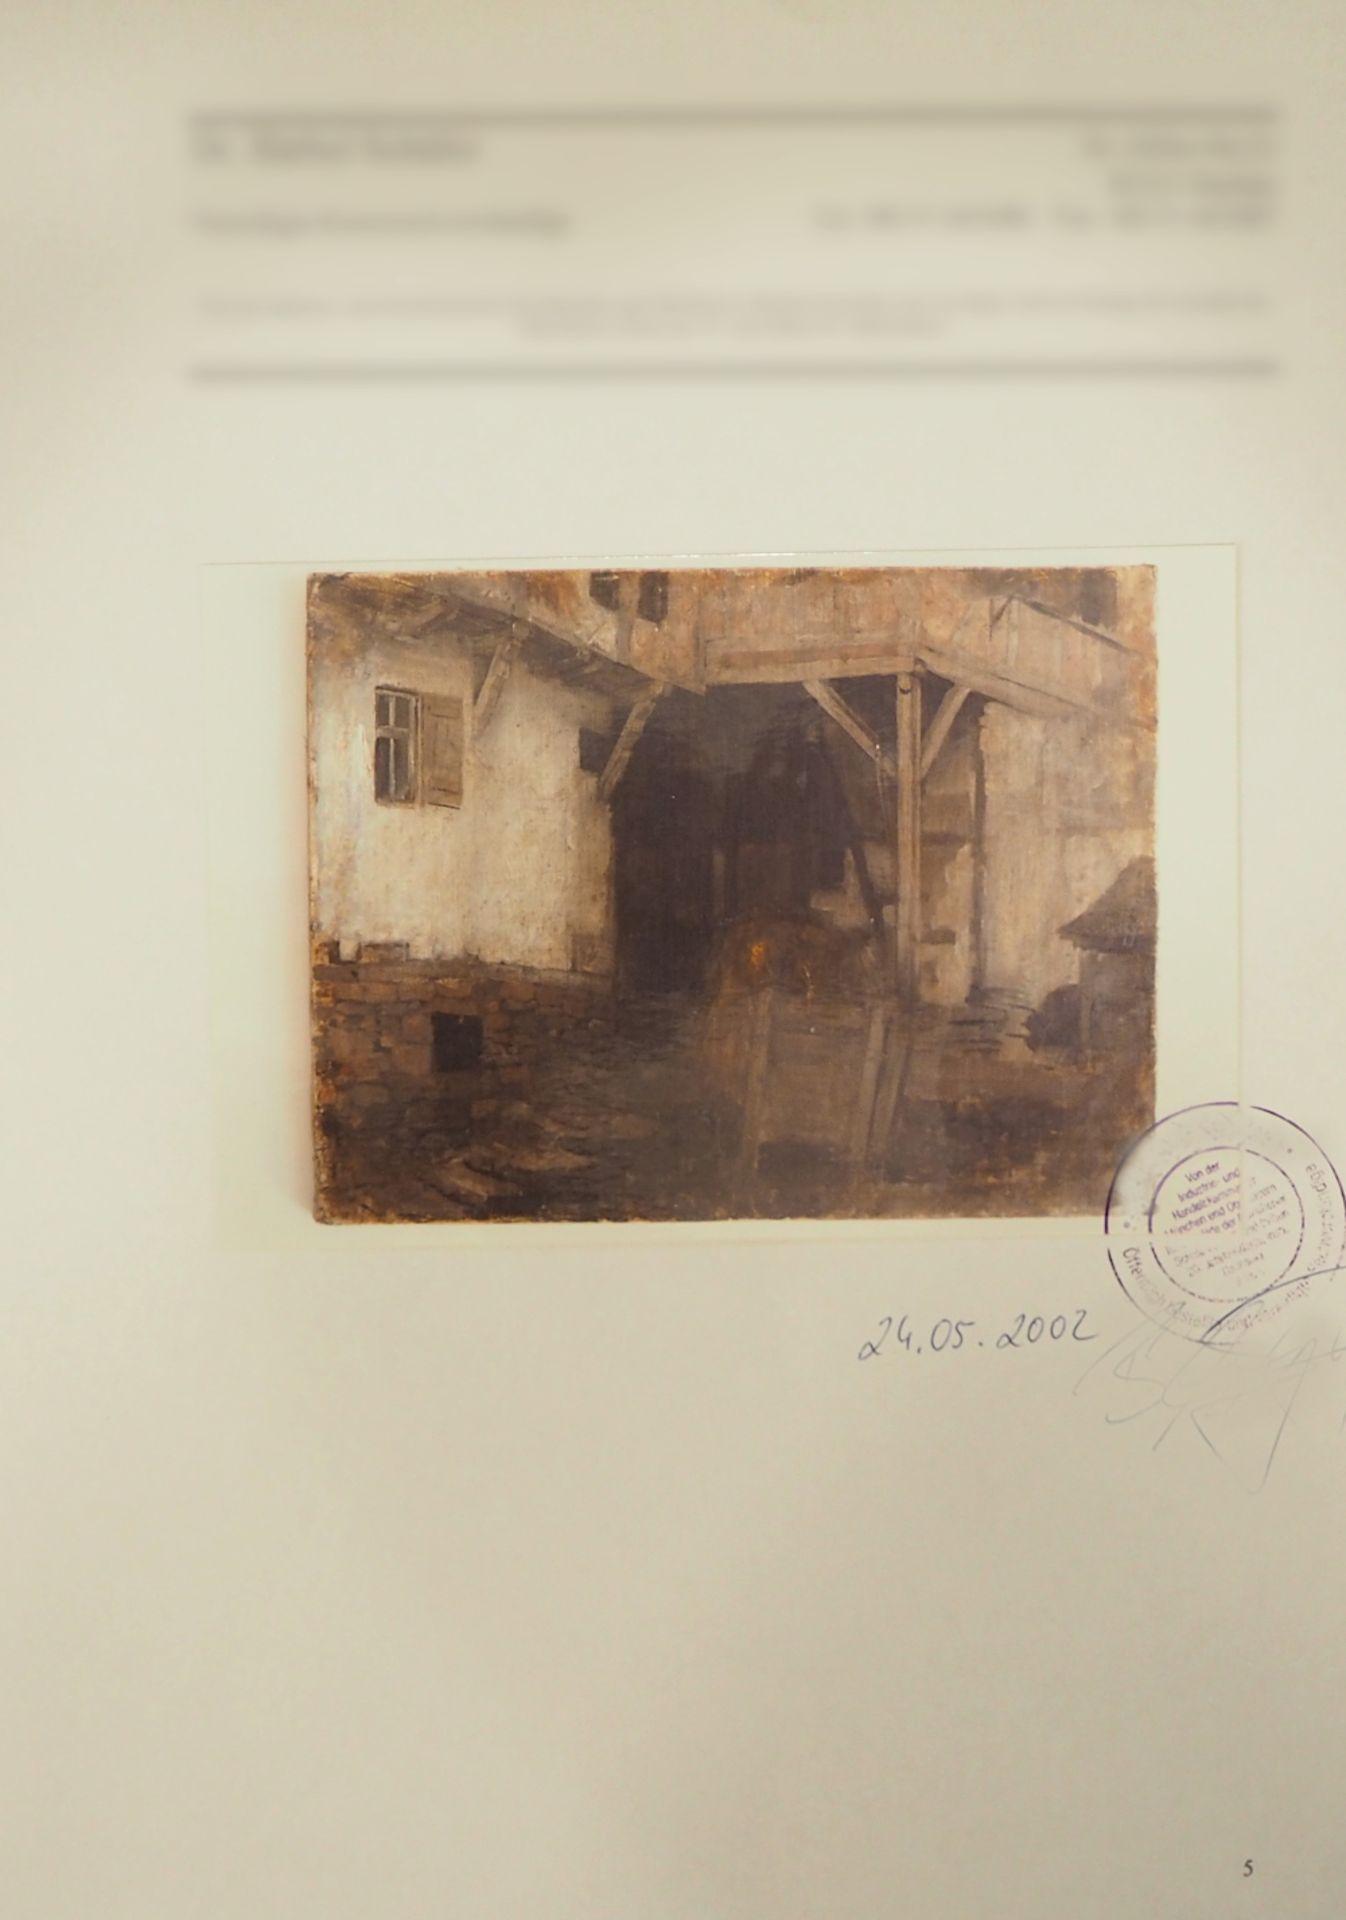 """1 Ölgemälde R.u. sign. J. SPERL (wohl Johann S. 1840-1914), """"Blick in die Scheune"""", - Bild 3 aus 8"""